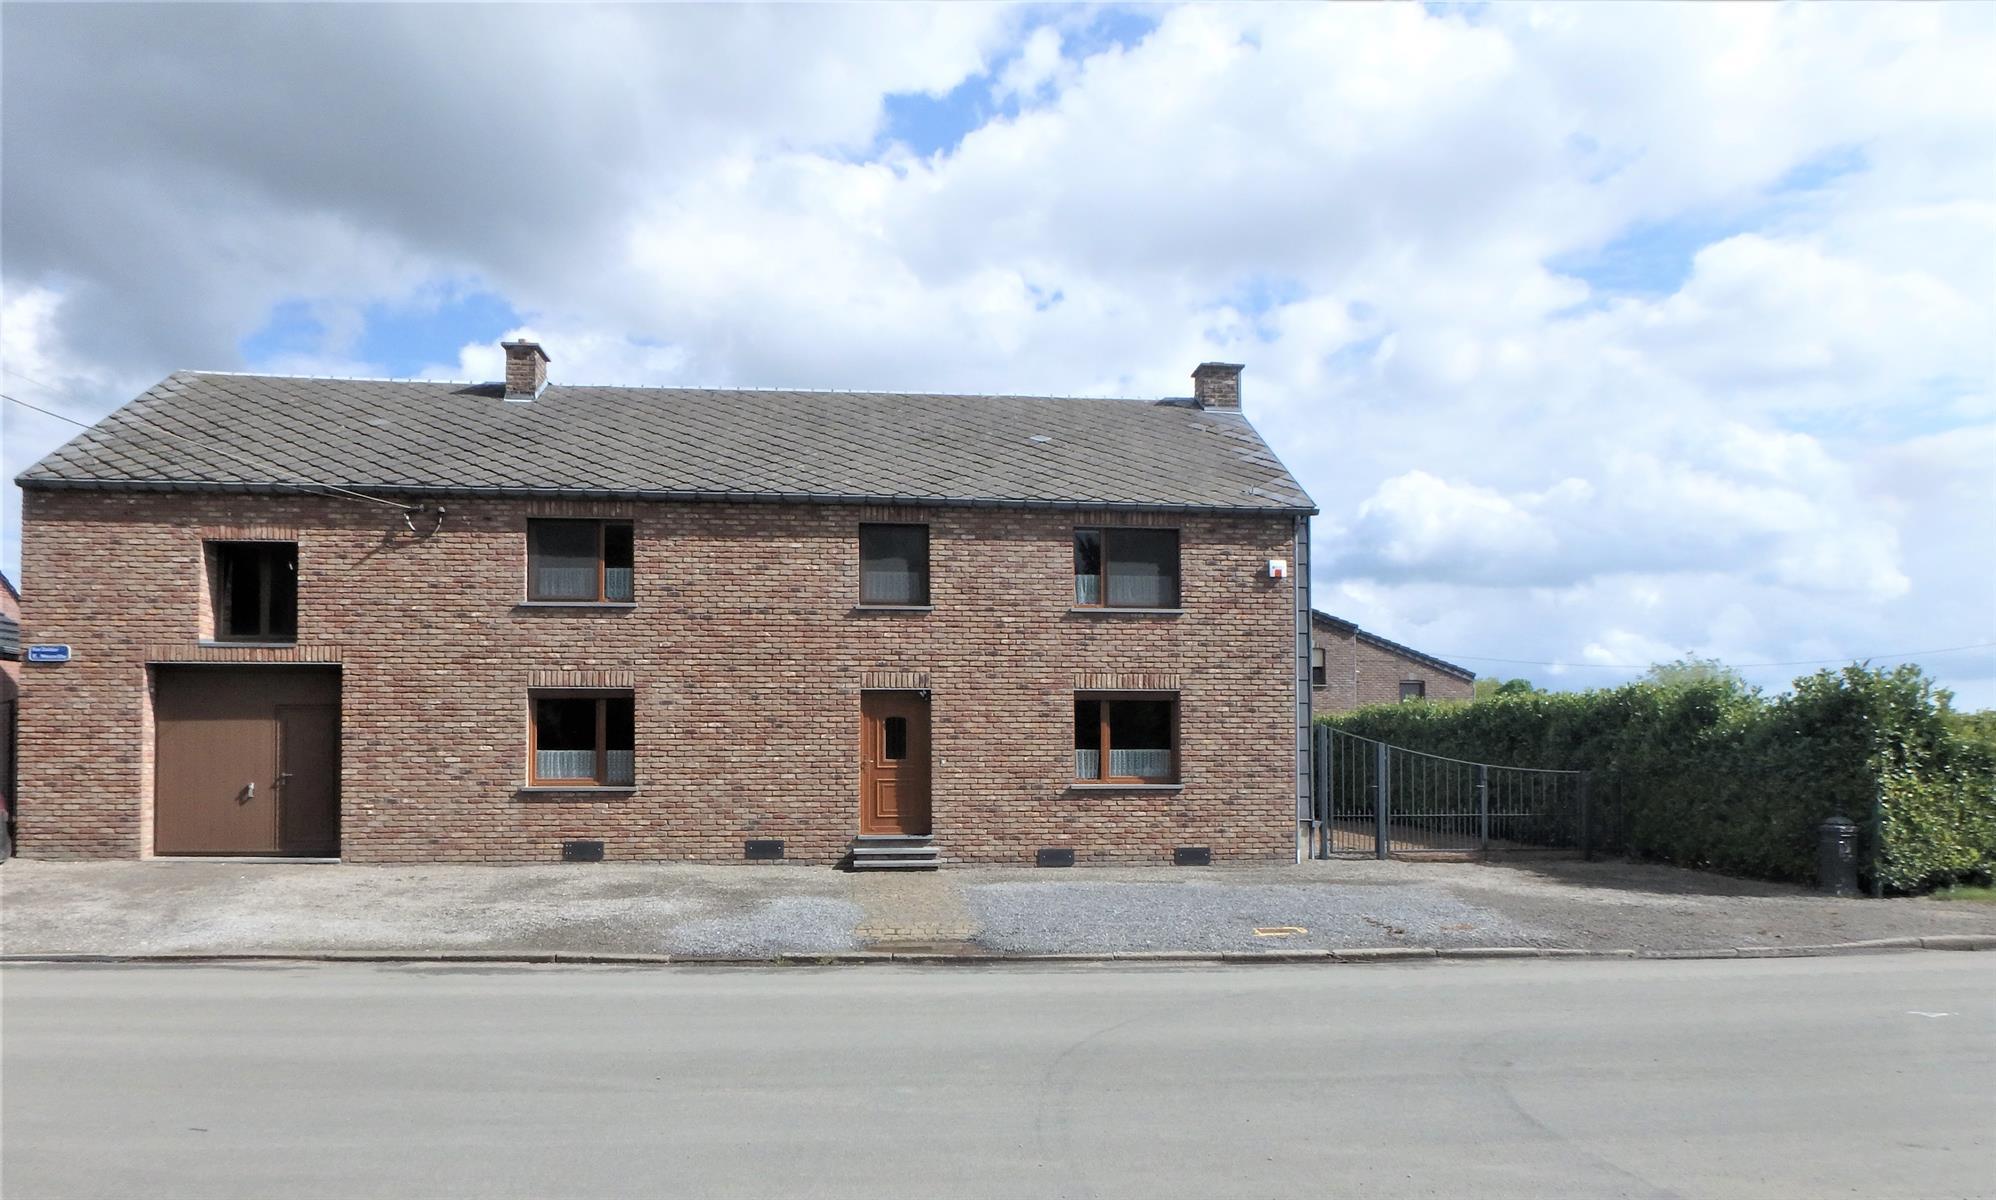 Maison - Villers-le-Bouillet - #4370115-0